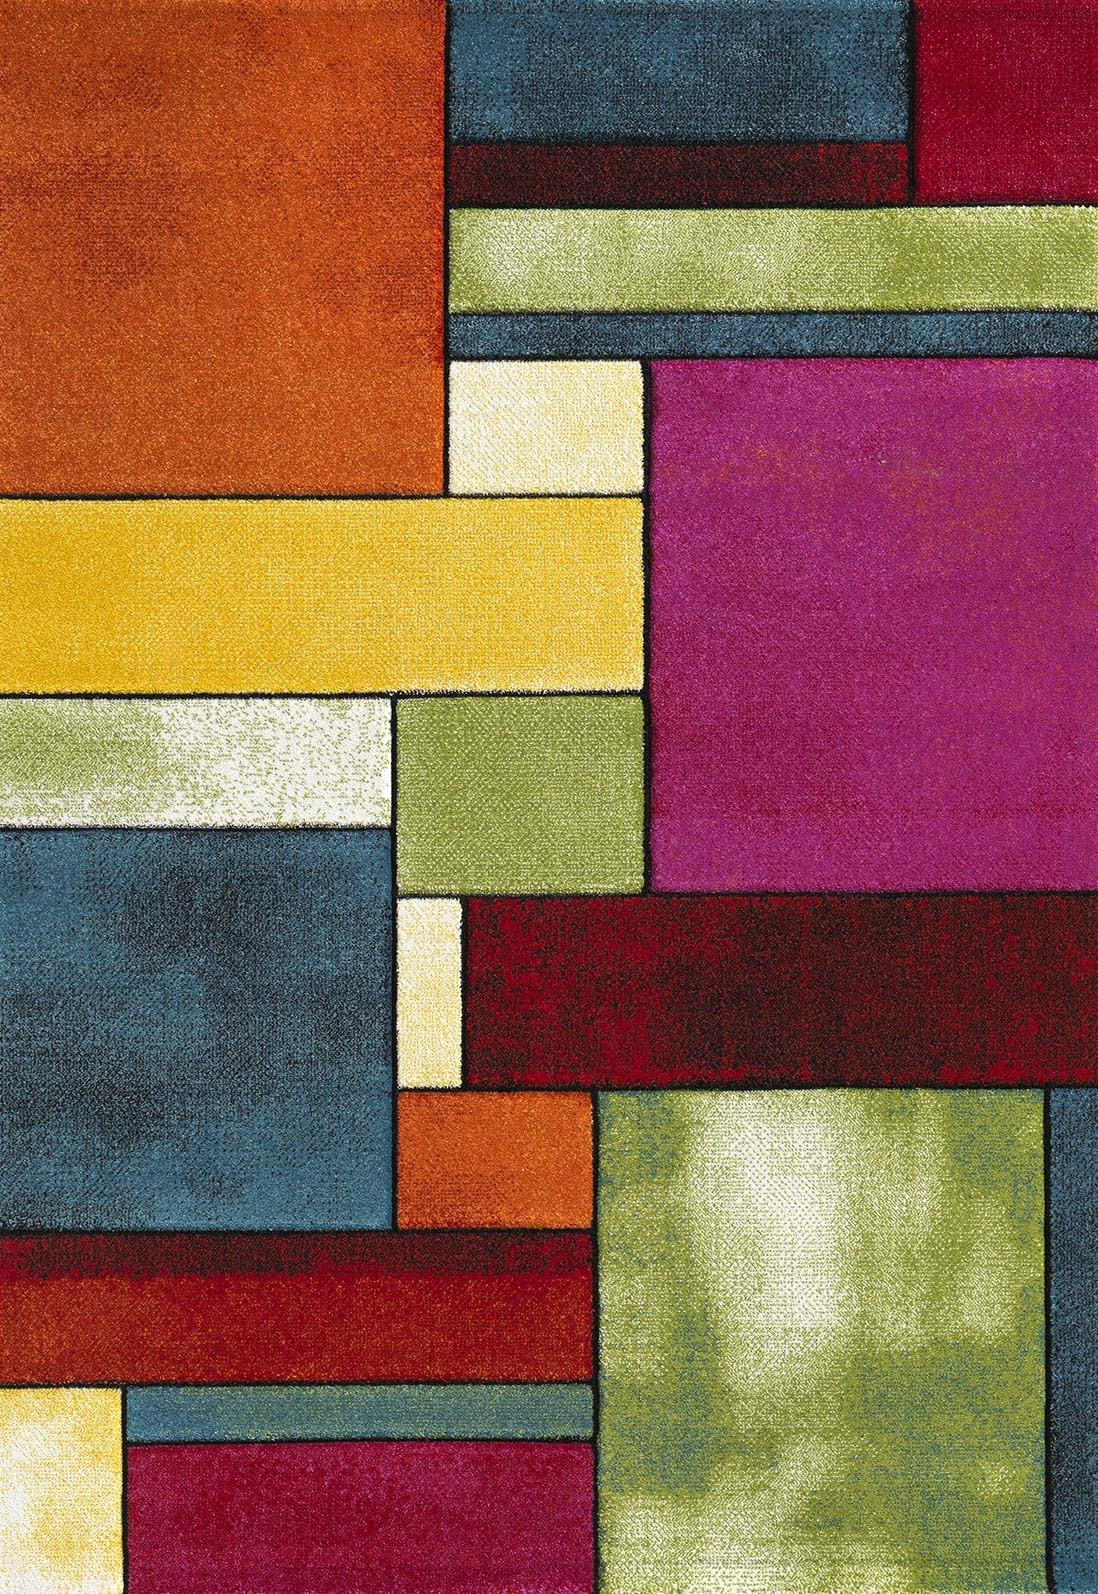 Χαλί (160×230) Viopros Μόντερν Πολύχρωμο 36992